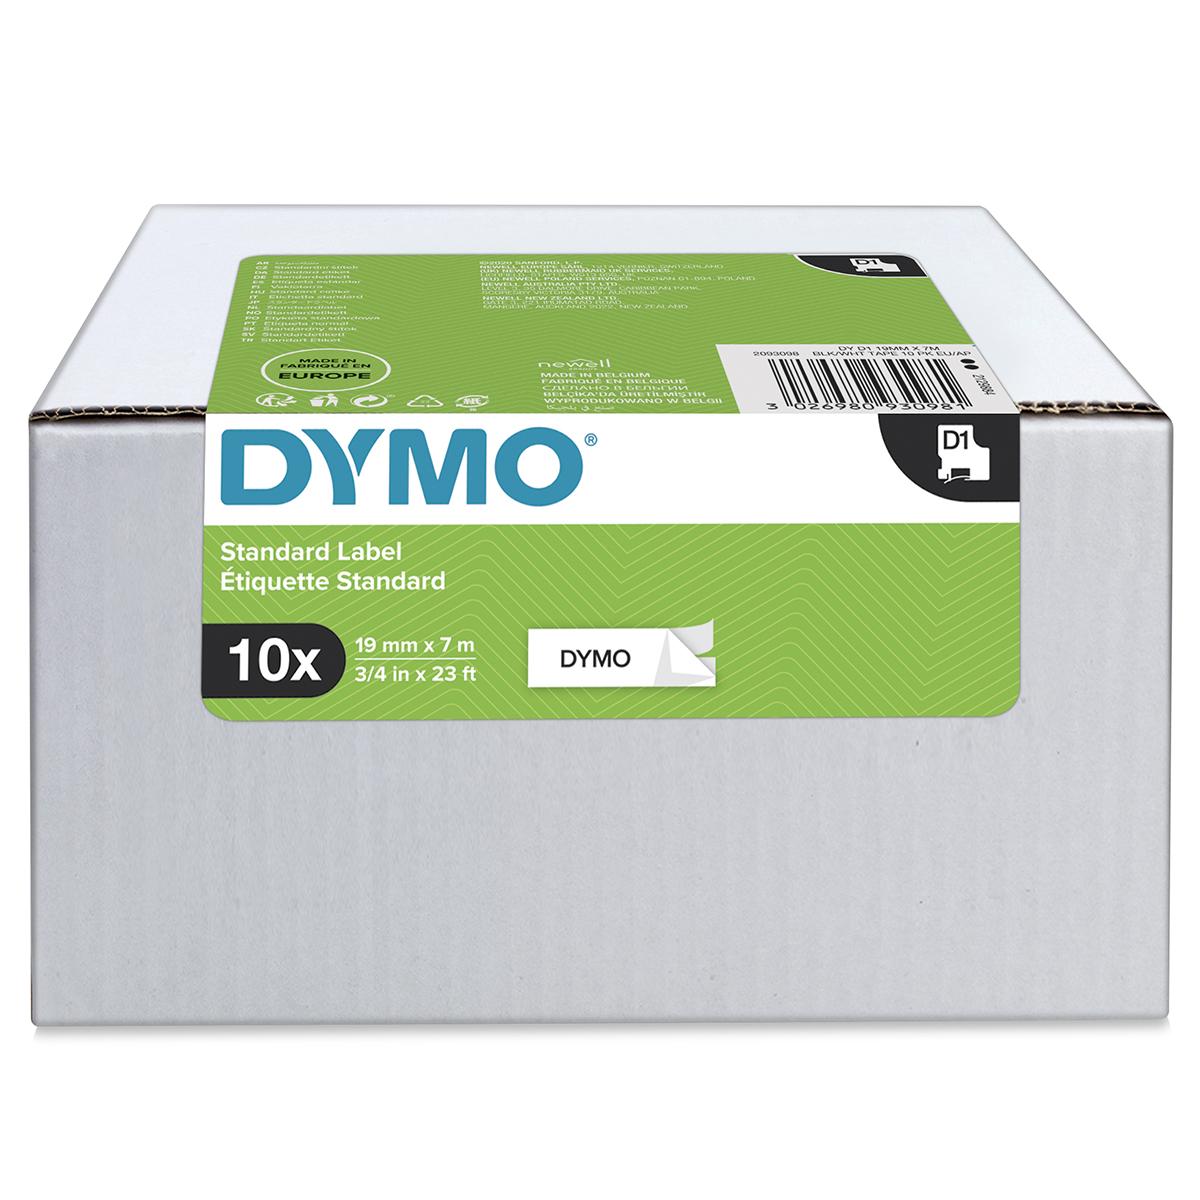 Dymo 45803 D1 19mm x 7m Black on White Tape 10 Pack